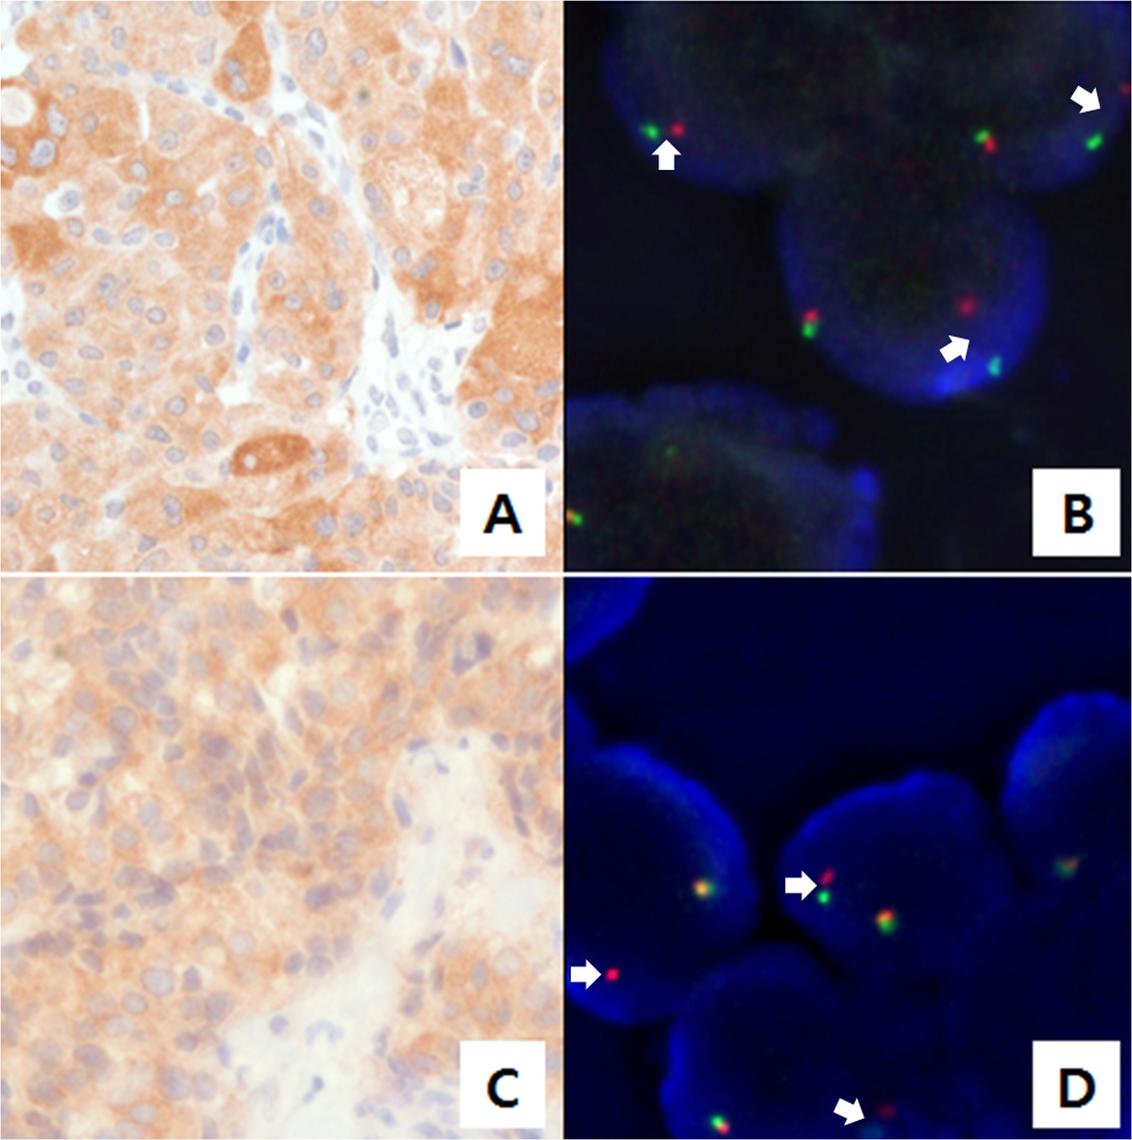 Anaplastic lymphoma kinase (ALK) staining using immunohistochemistry (IHC) and fluorescence <i>in situ</i> hybridization (FISH).